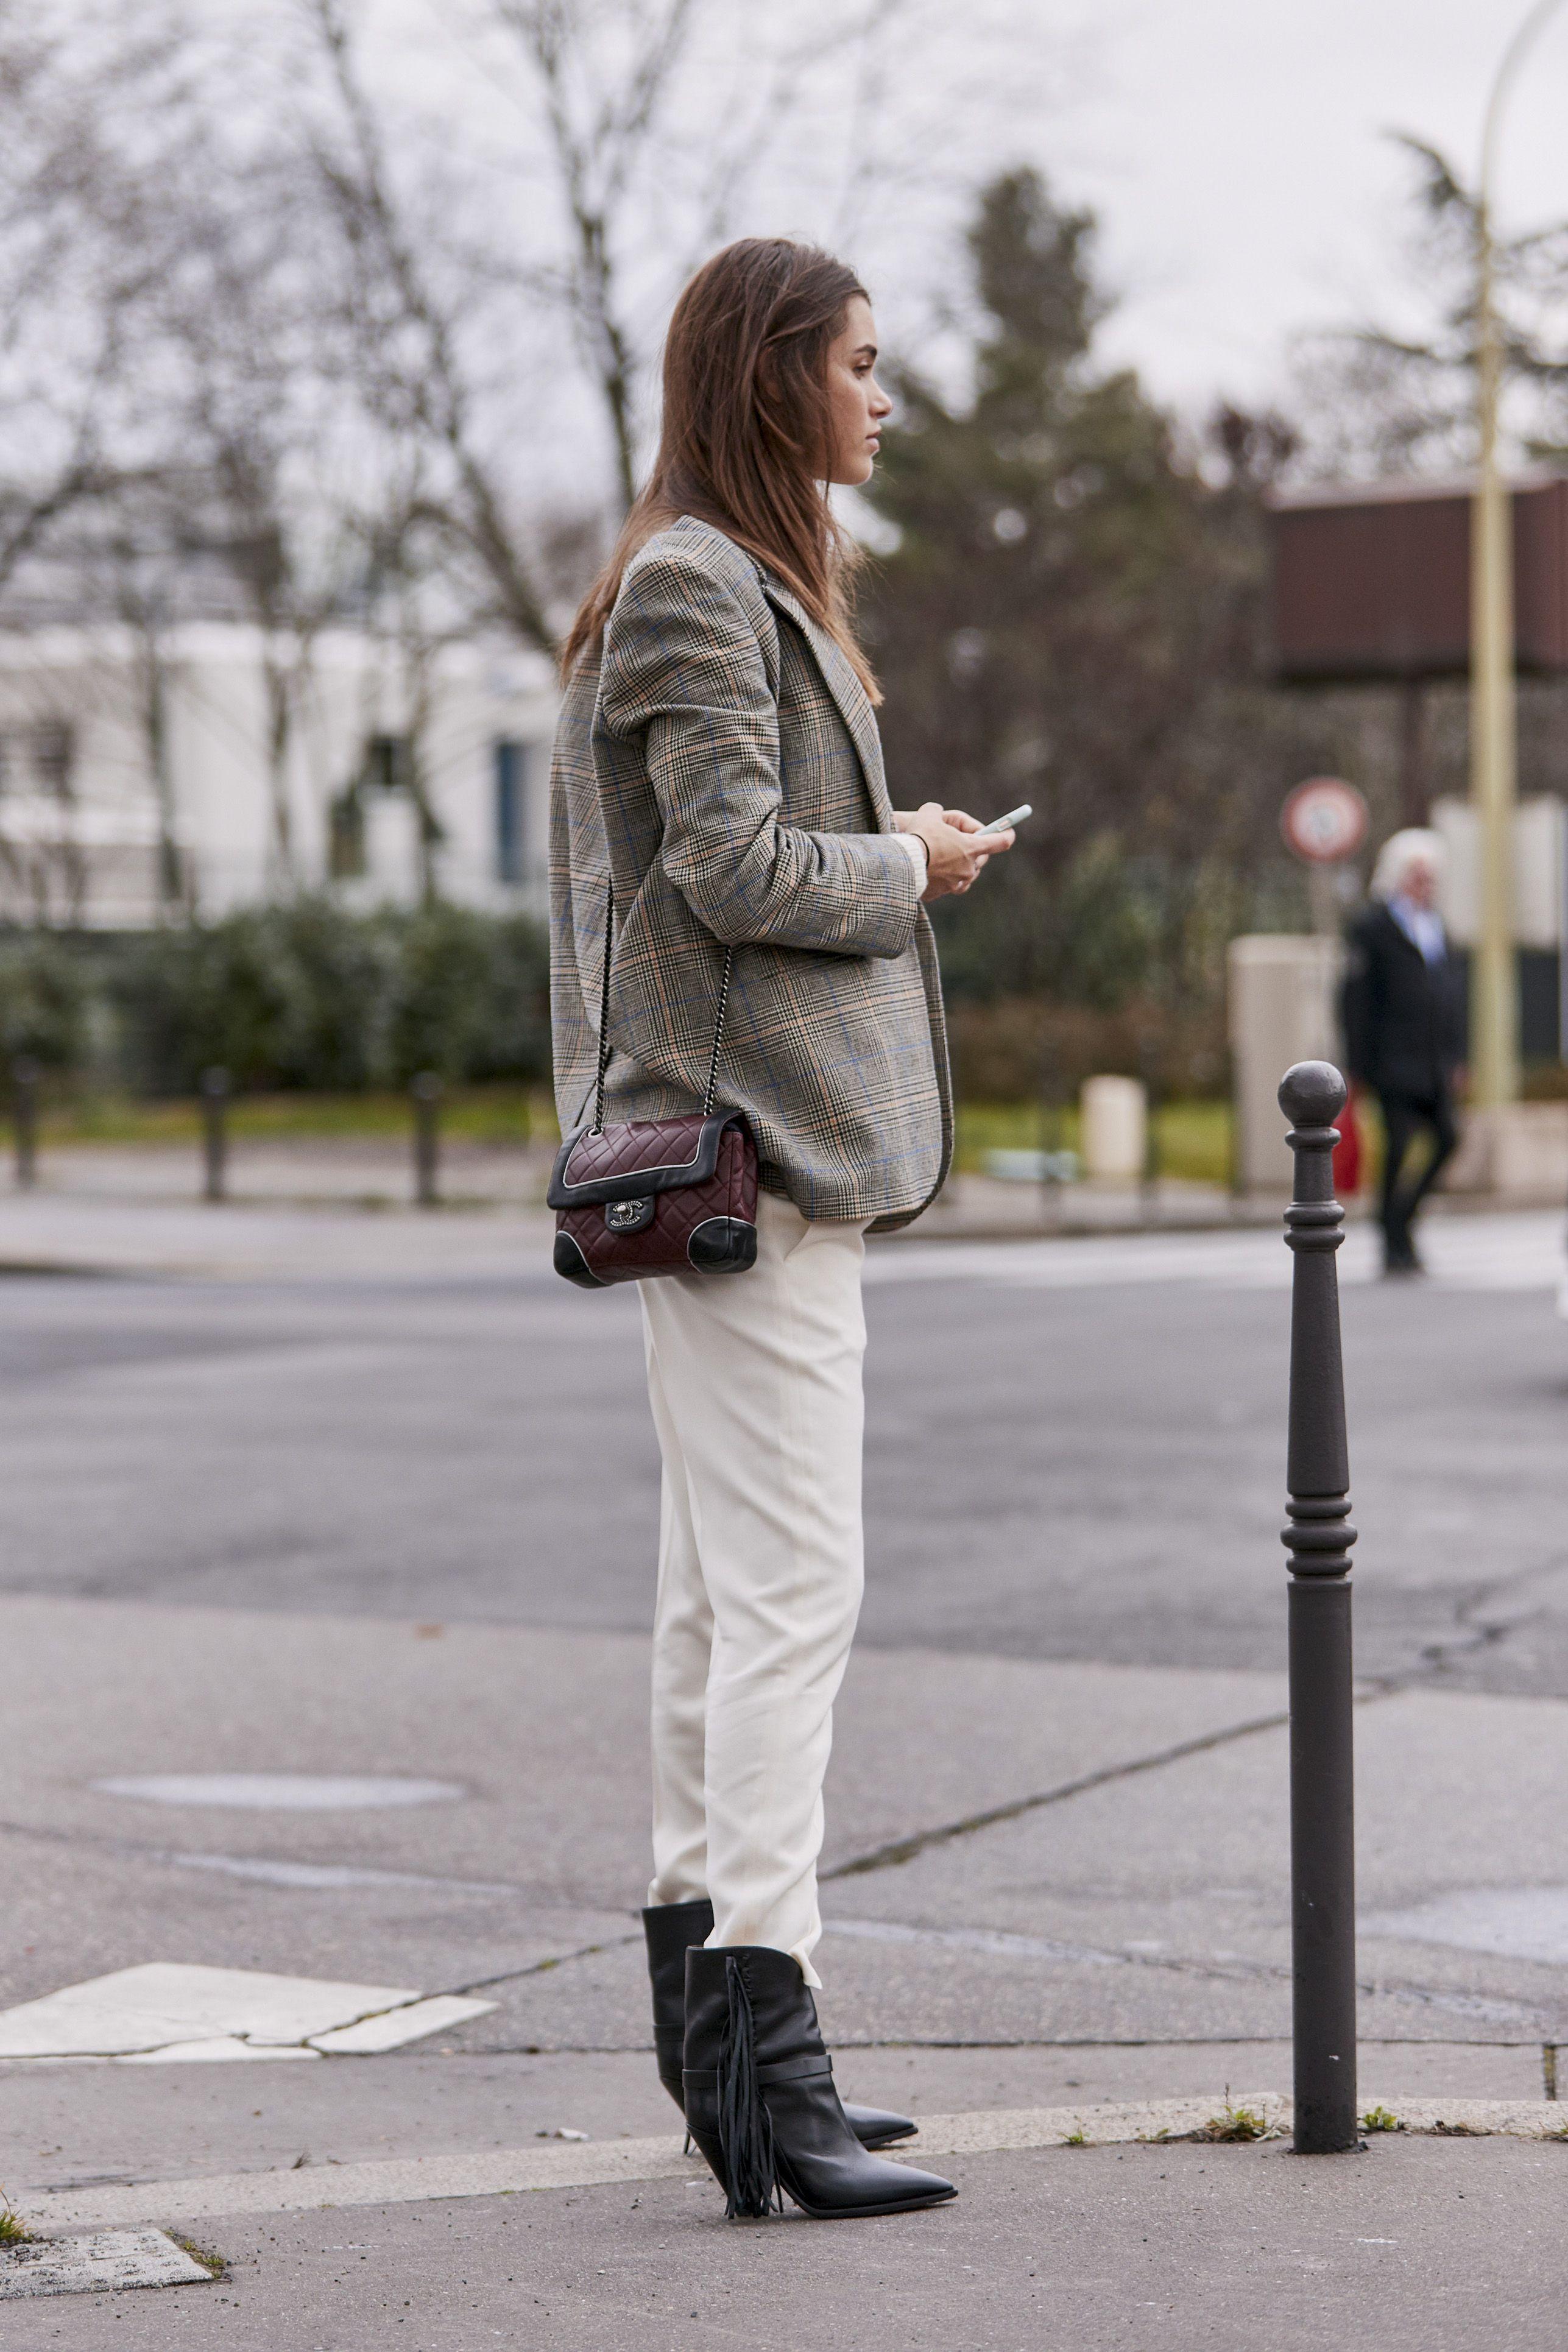 Come indossare gli stivali con dentro i pantaloni senza errori